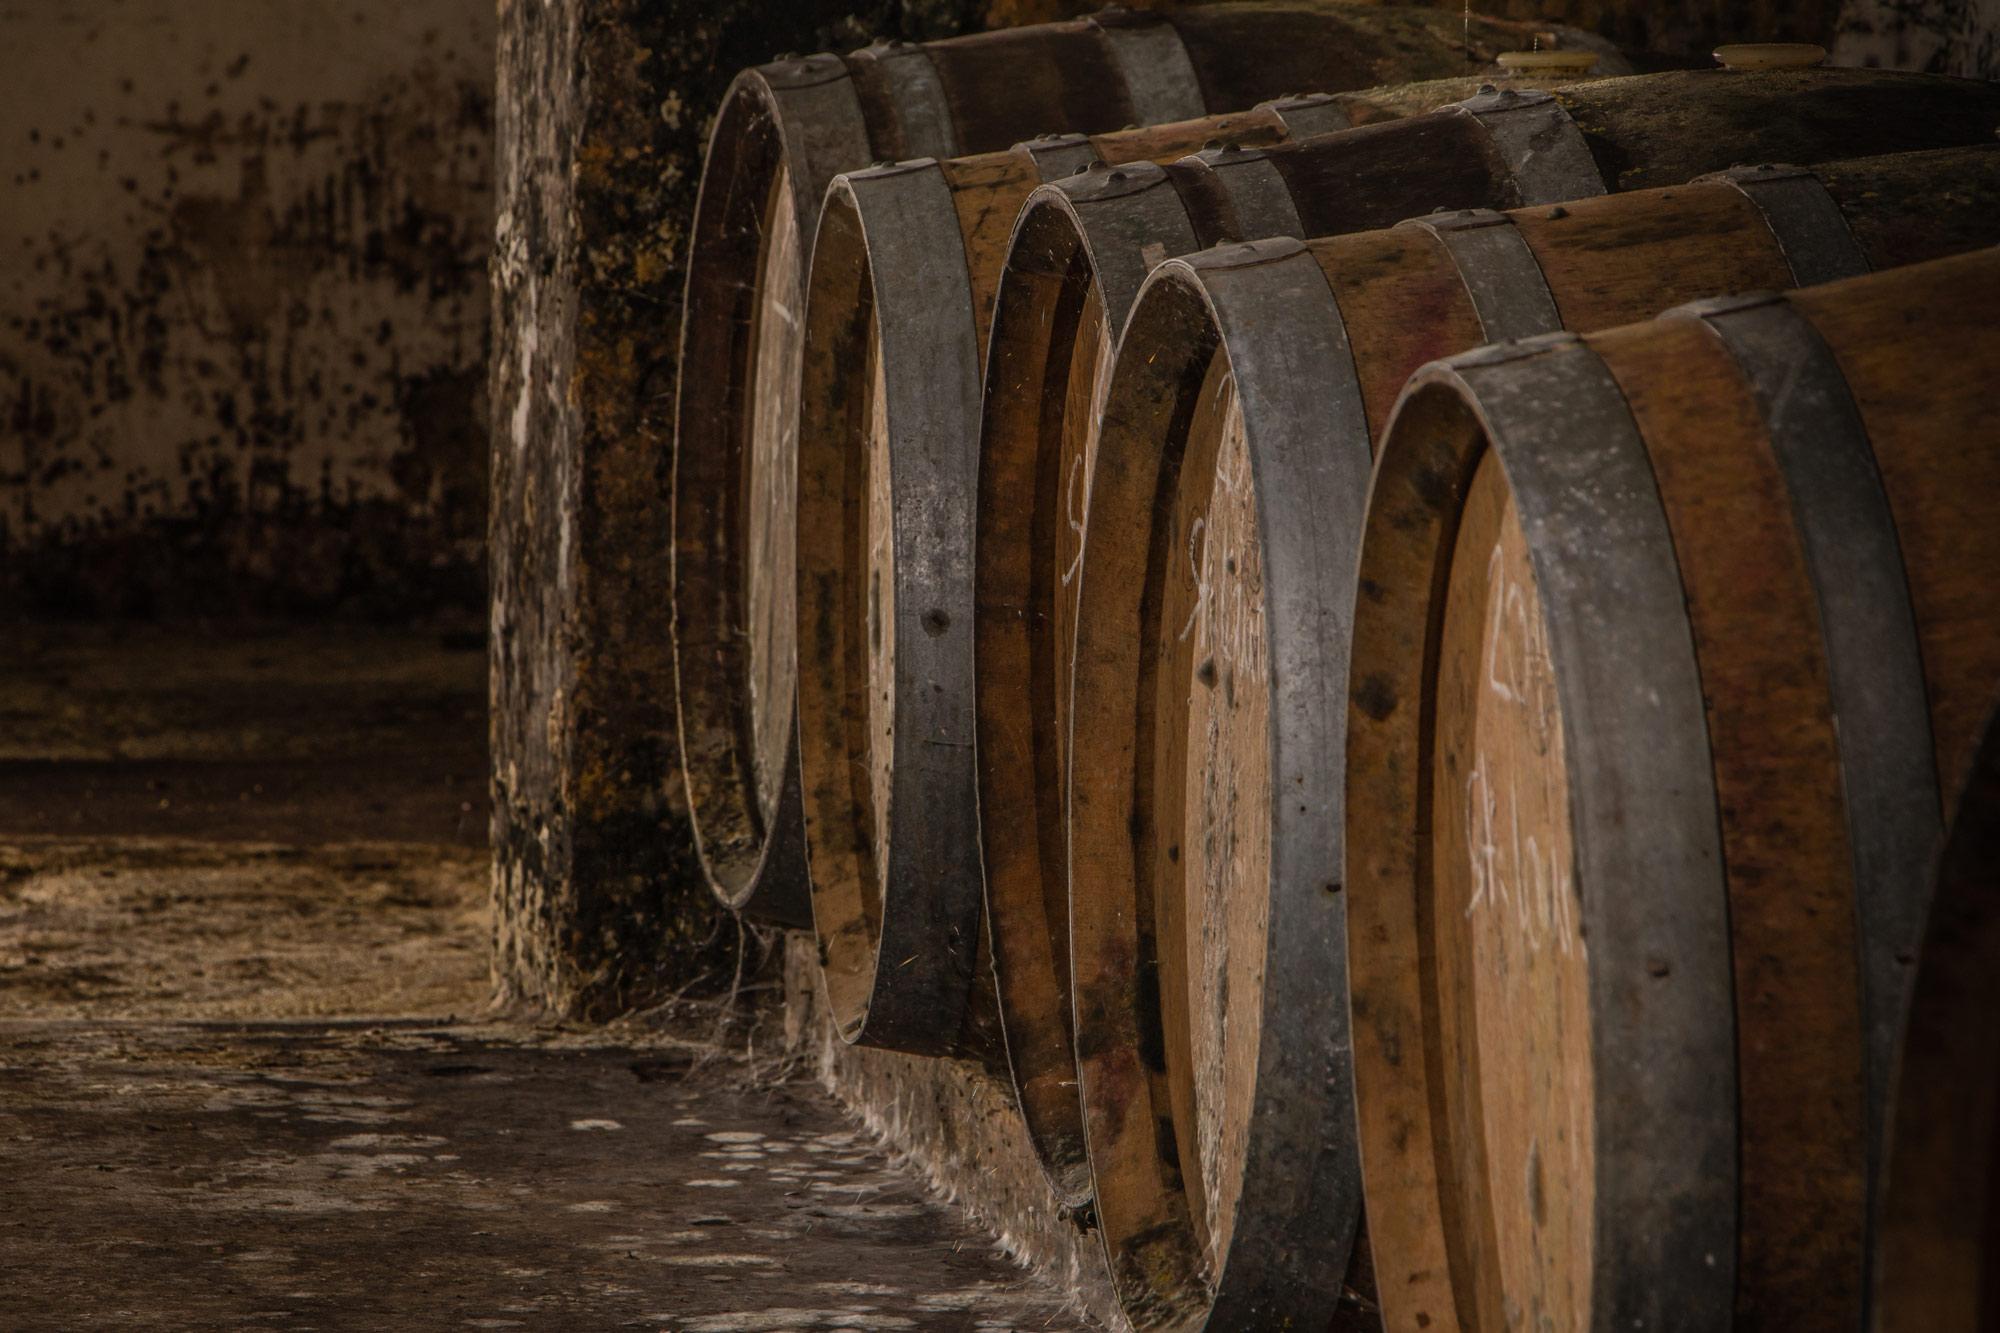 ...unserer Rotweine in Barriquefässern ist weiterhin gegeben.